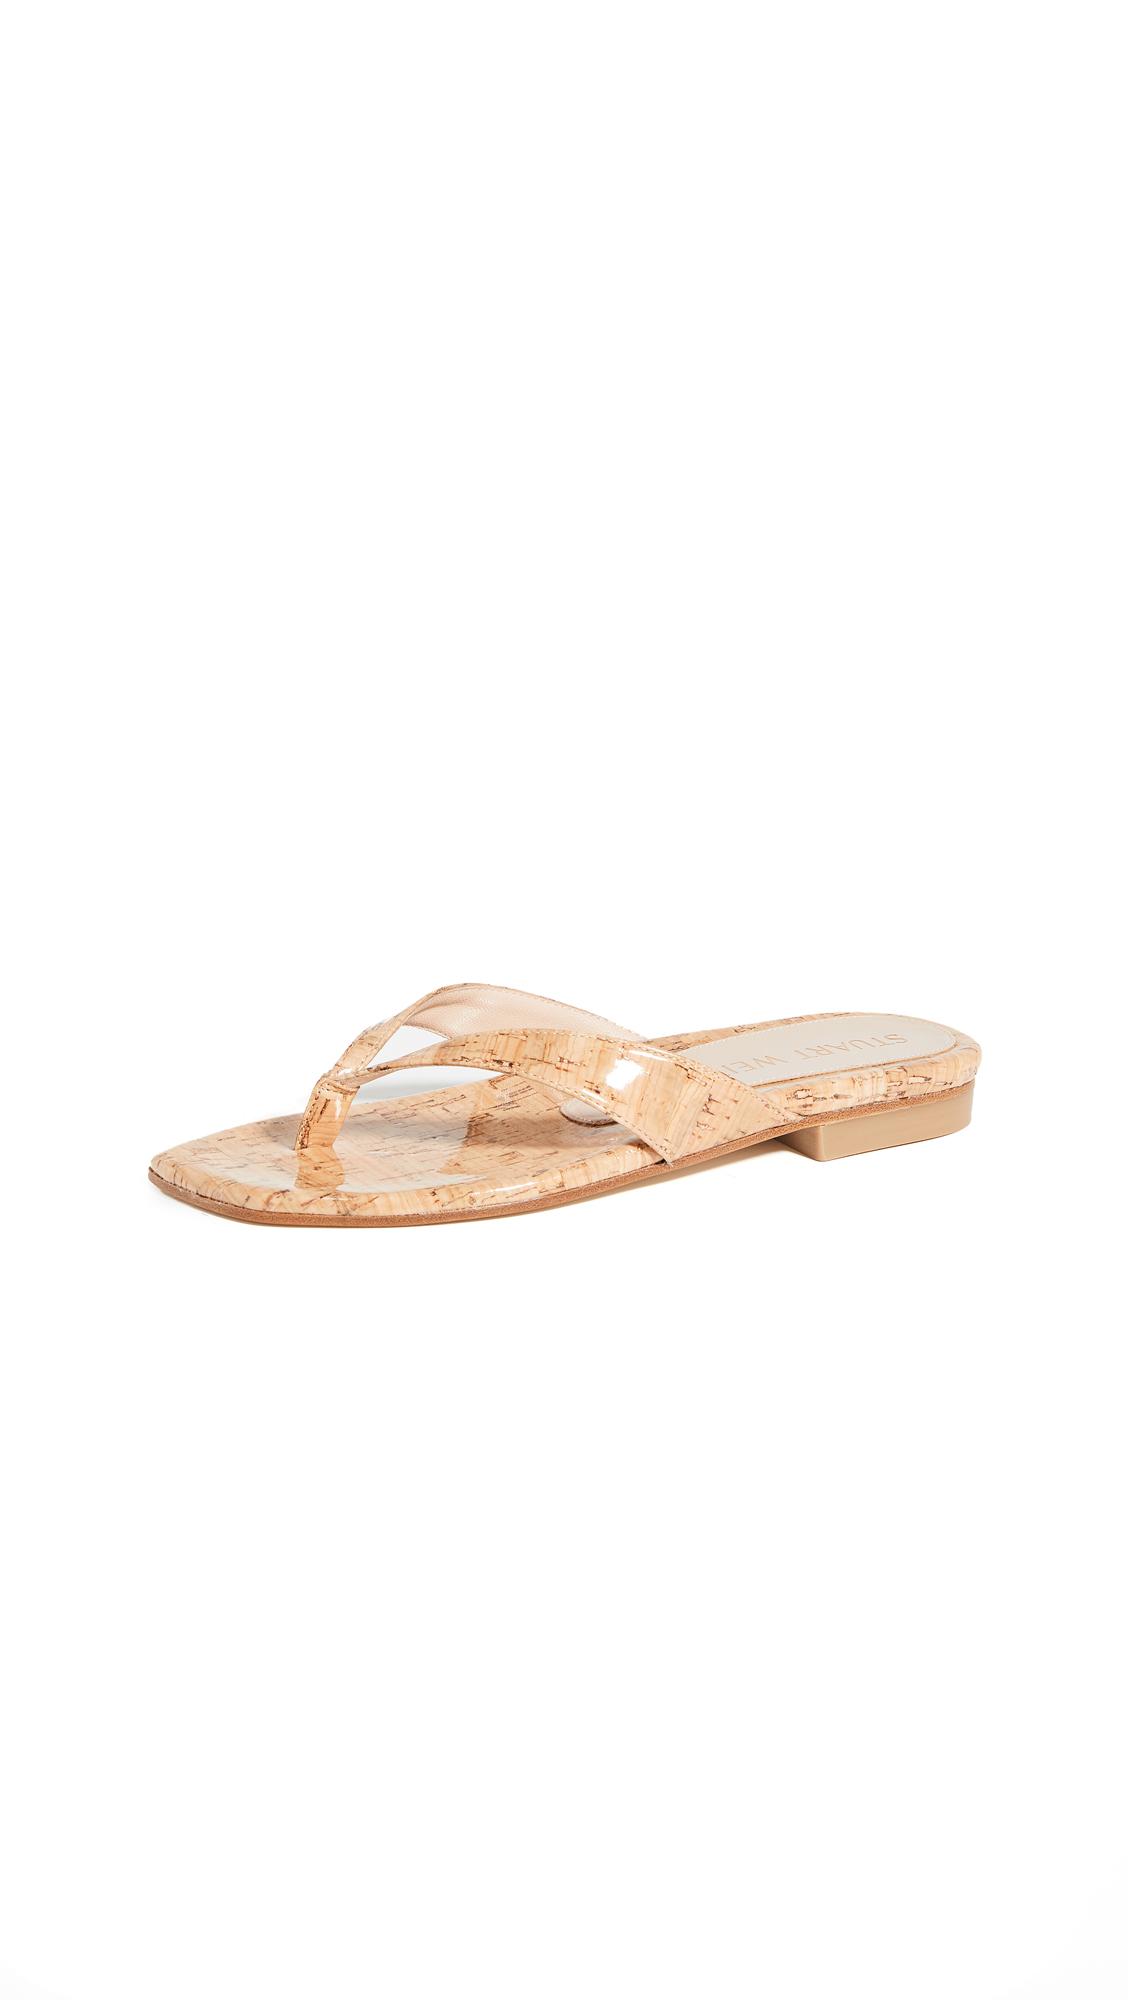 Buy Stuart Weitzman Aldona Sandals online, shop Stuart Weitzman